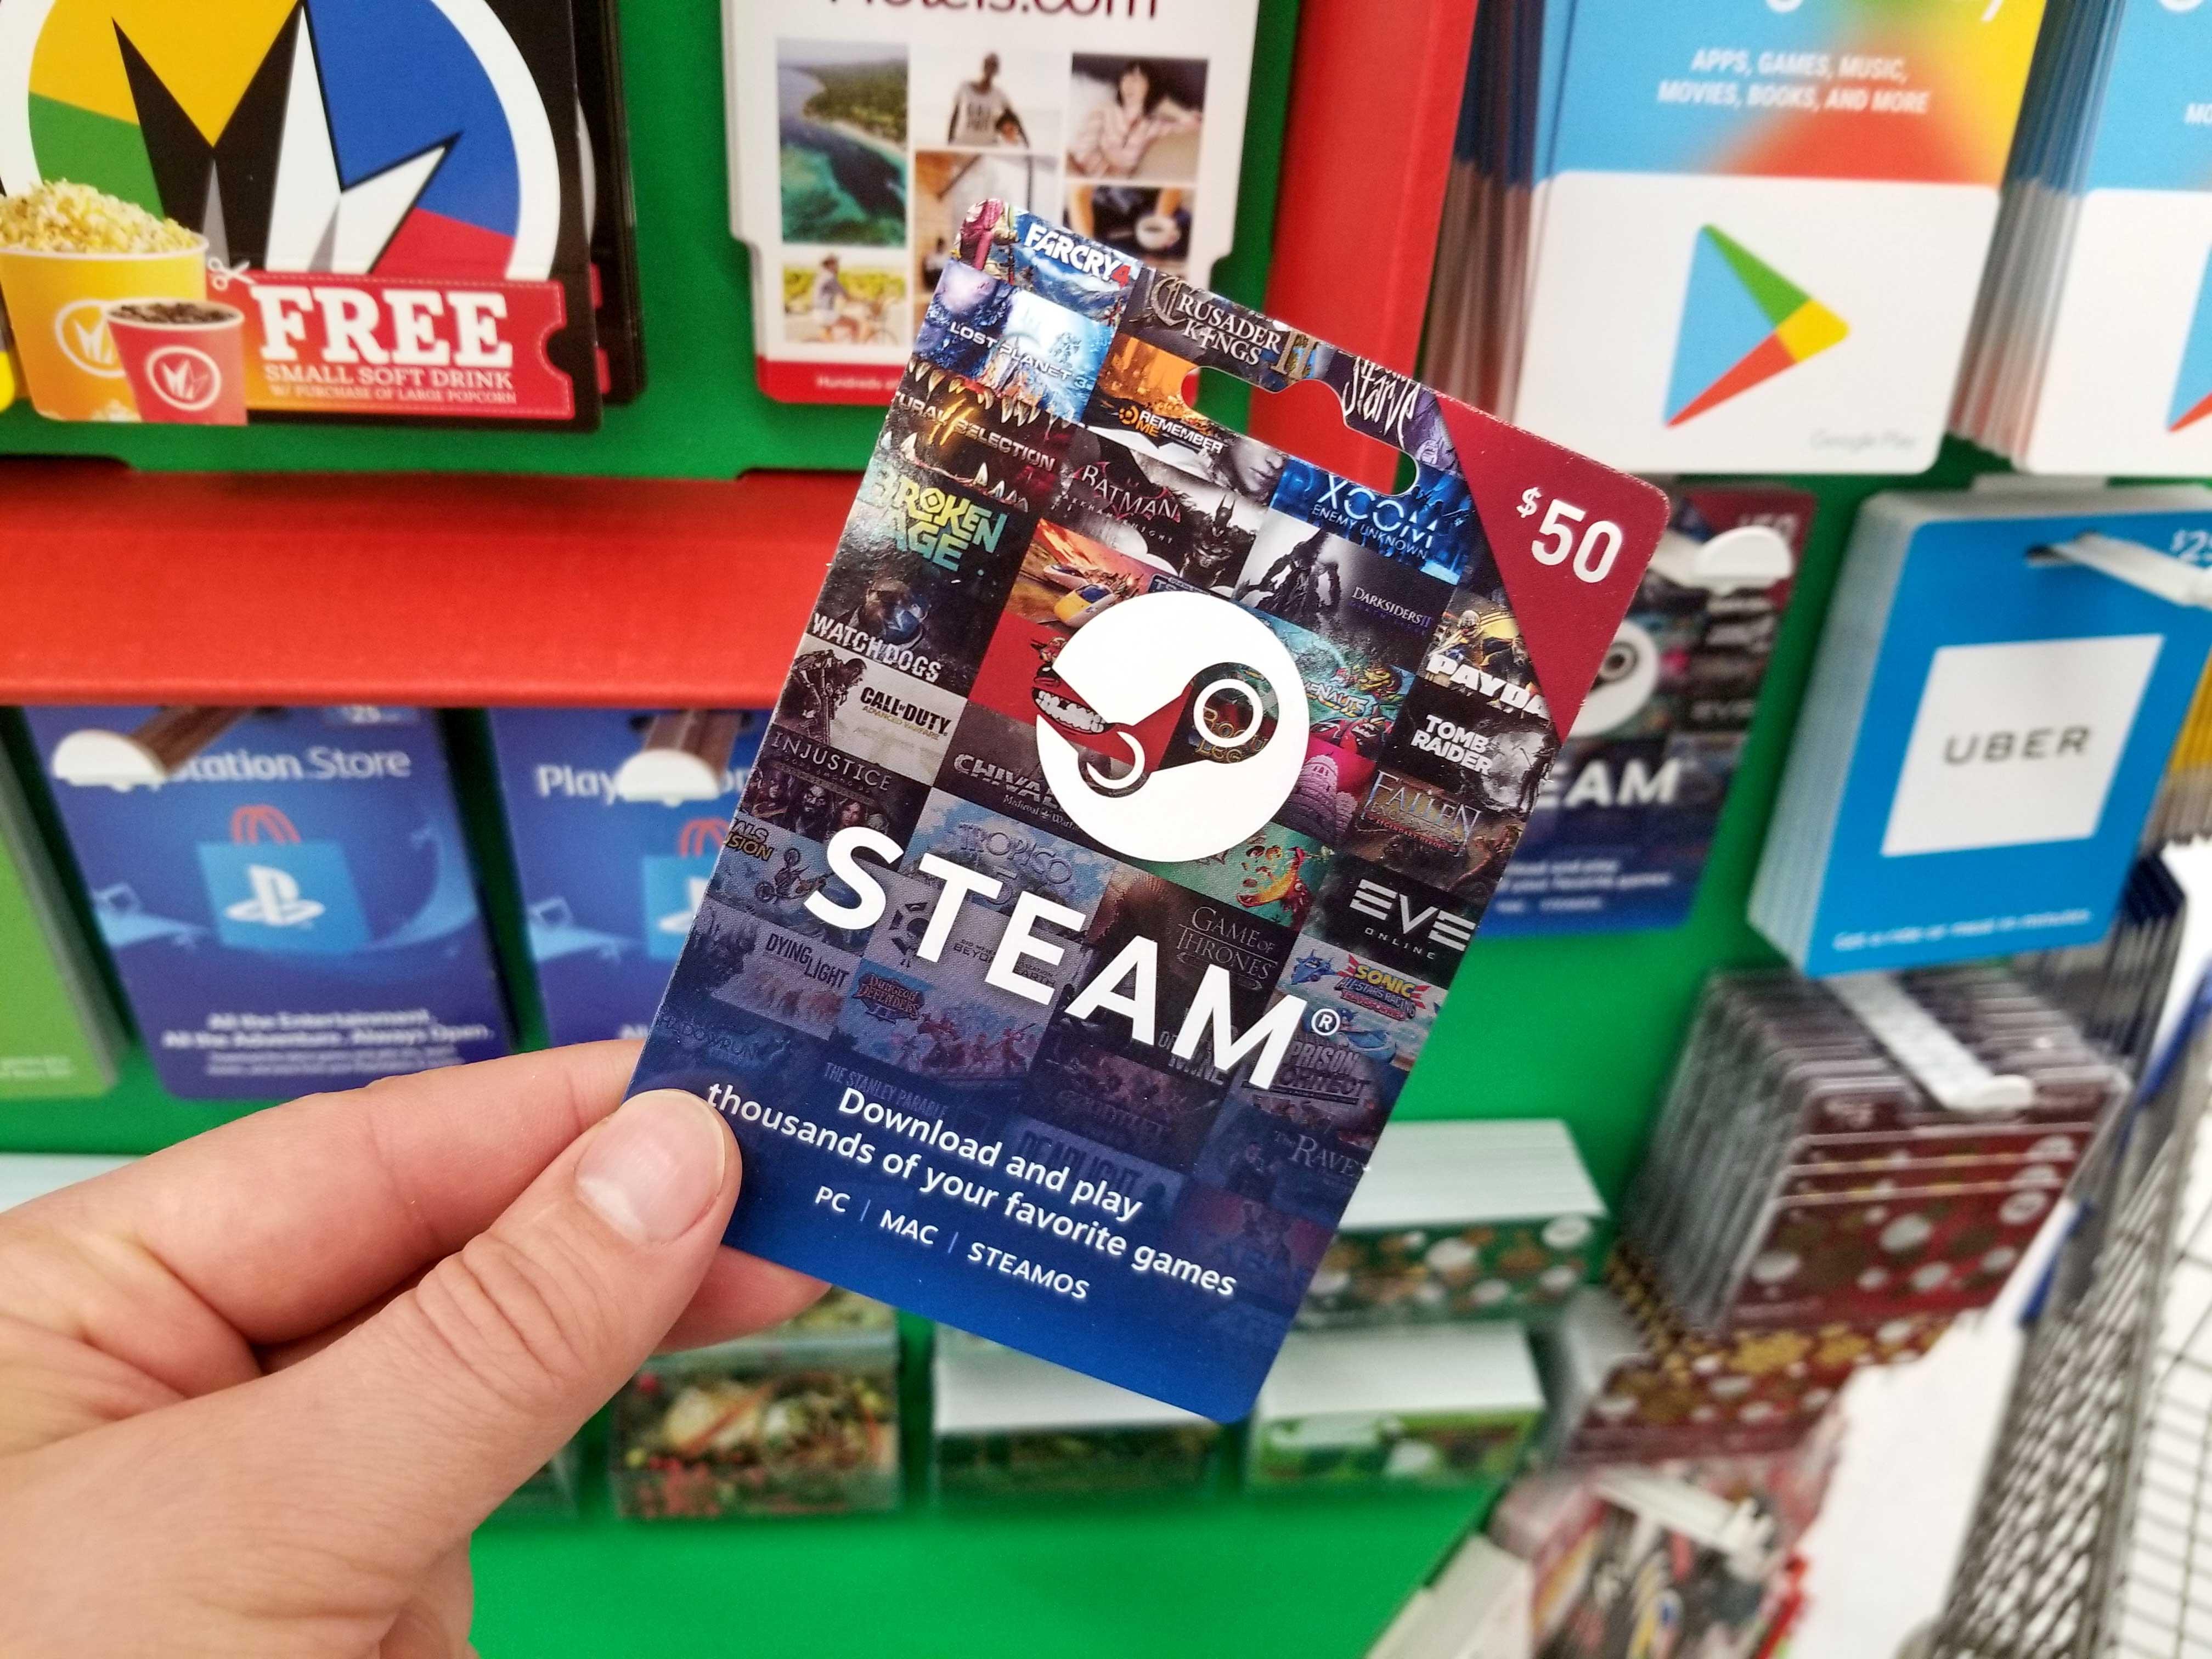 steam-gift-card, The Game Tek, thegametek.com